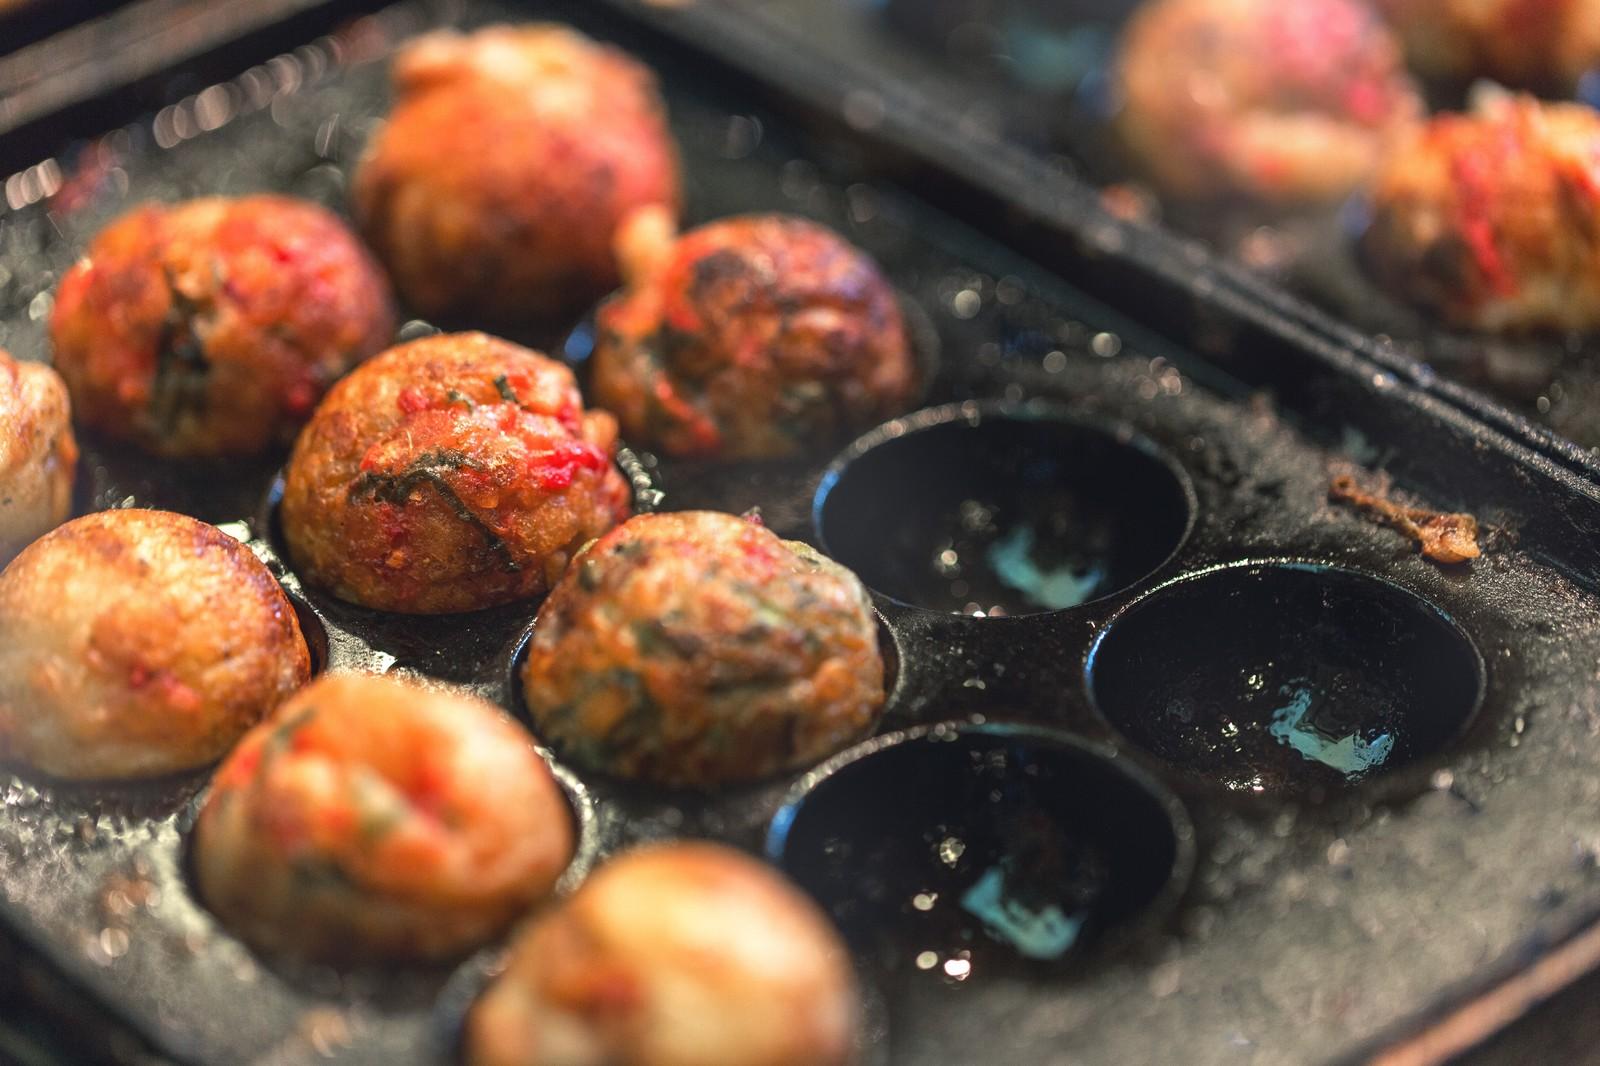 おうちでタコパ☆たこ焼きに入れると想像以上に美味しかったアレンジ具材6選【前編】